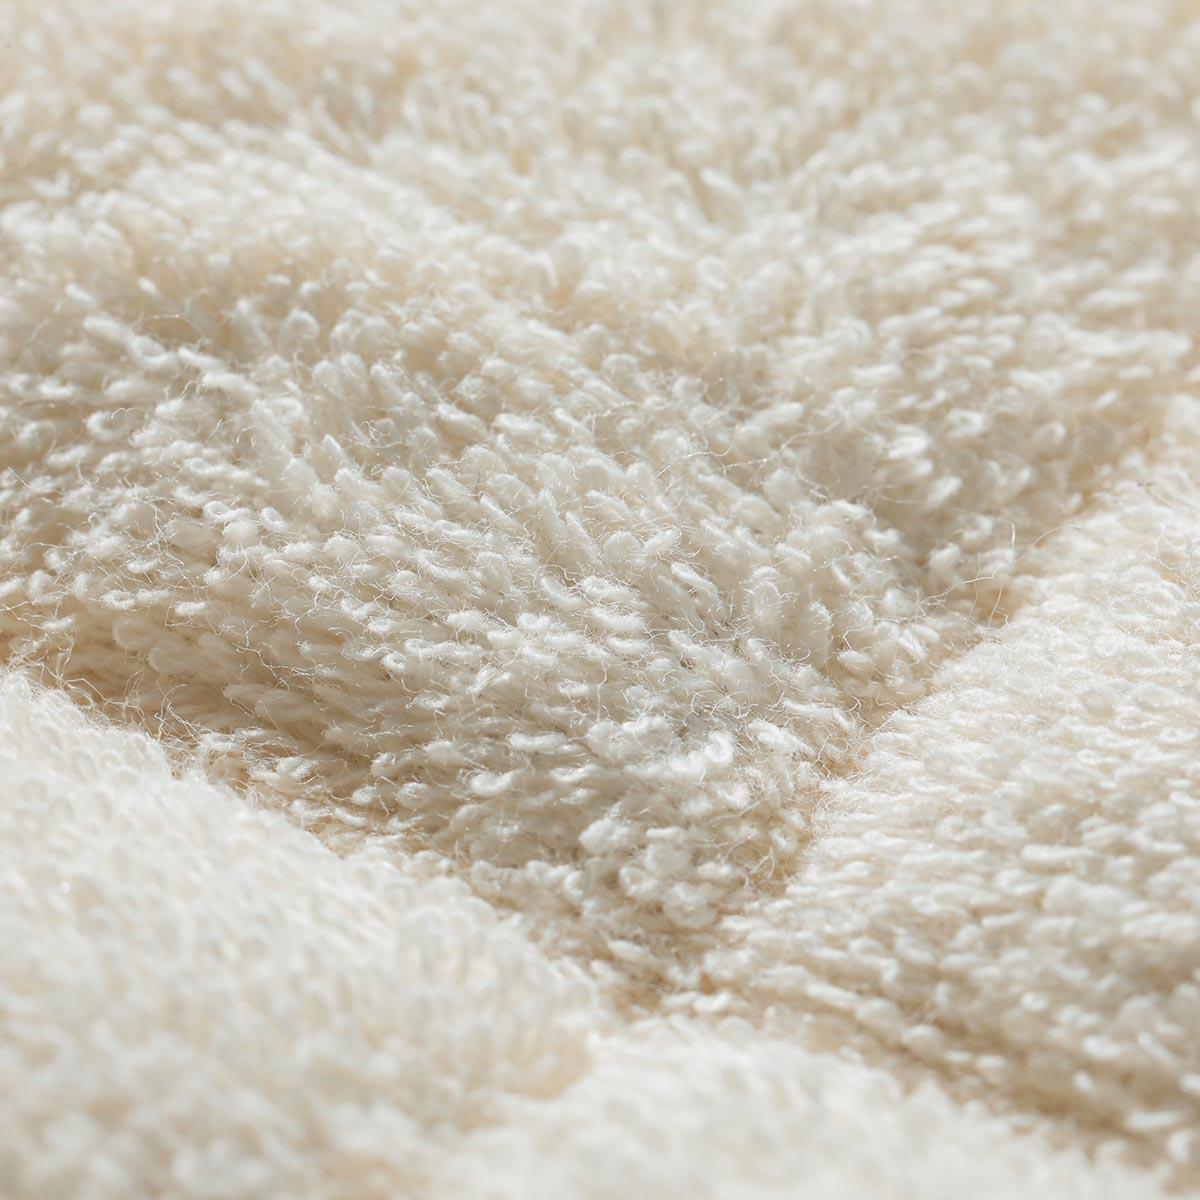 優しい肌触りがここちよい綿100%素材